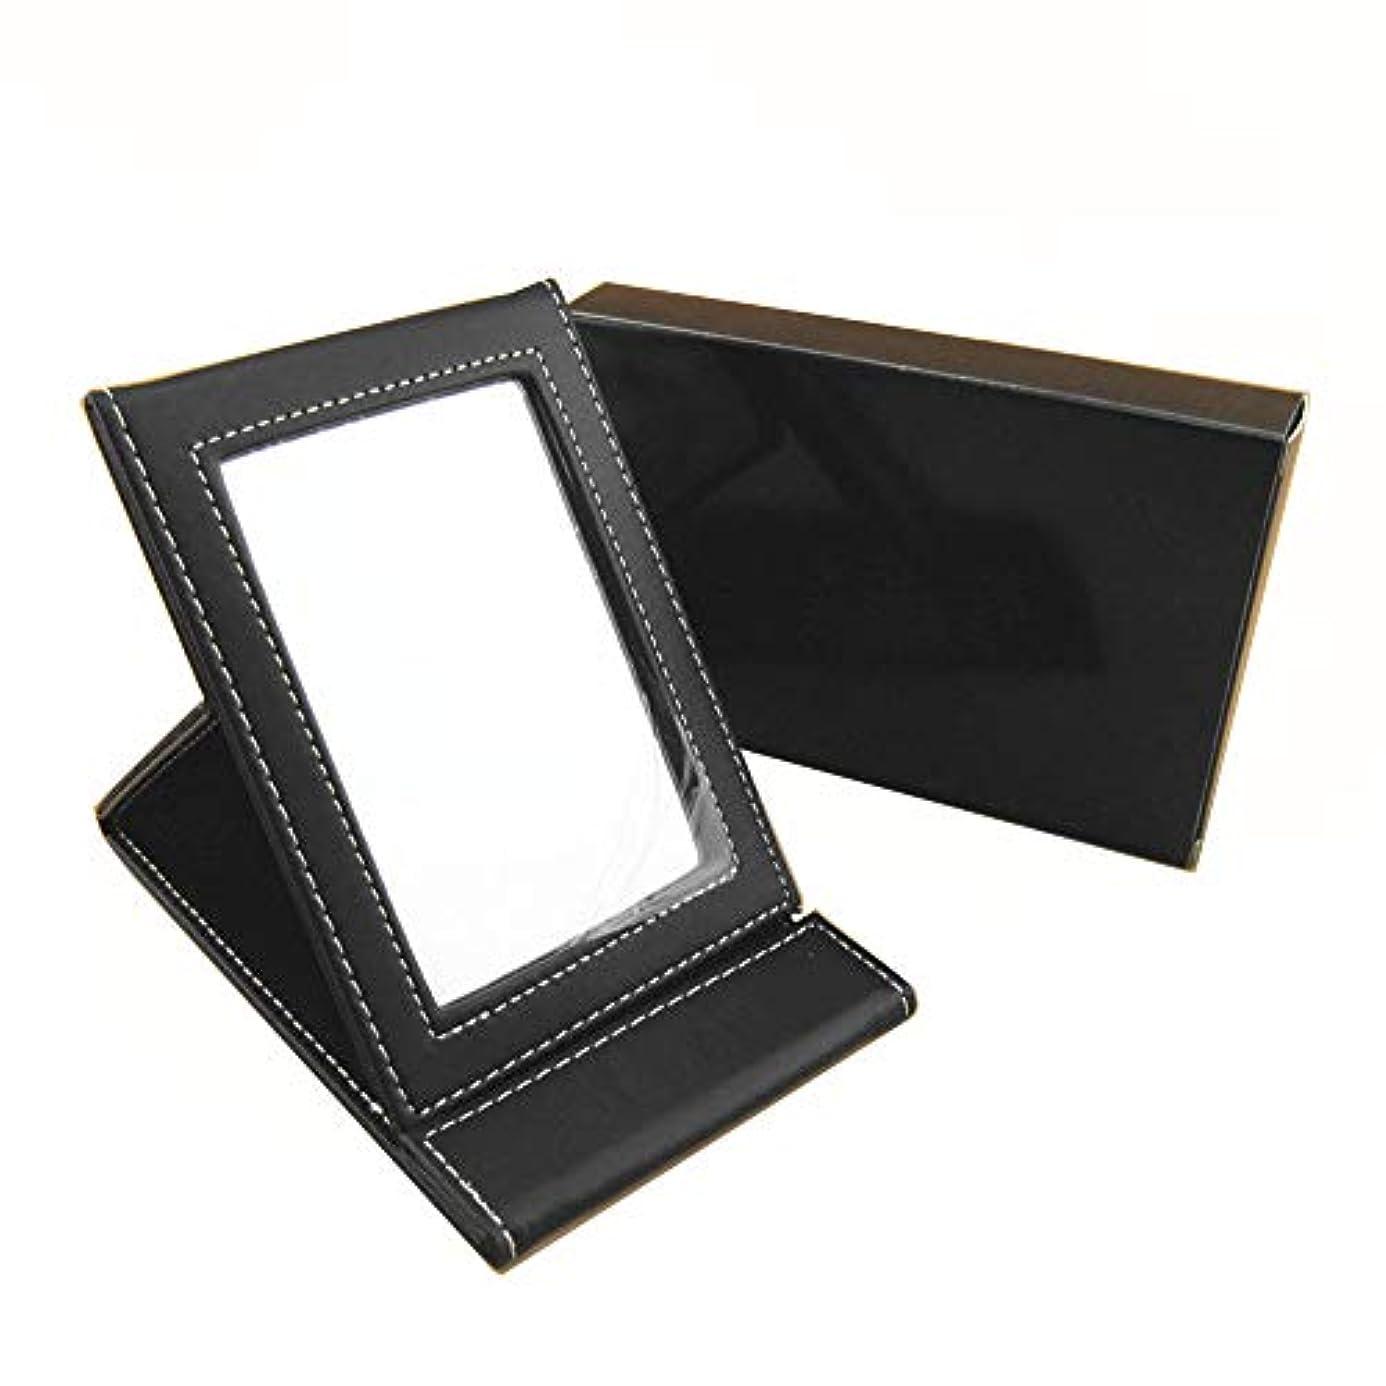 ボーダー手紙を書く揮発性Cikoume 化粧鏡 折り畳み鏡 デスクトップ ミラー 携帯 A4サイズ 卓上 鏡 上質PUレザー使用 【ブラック】